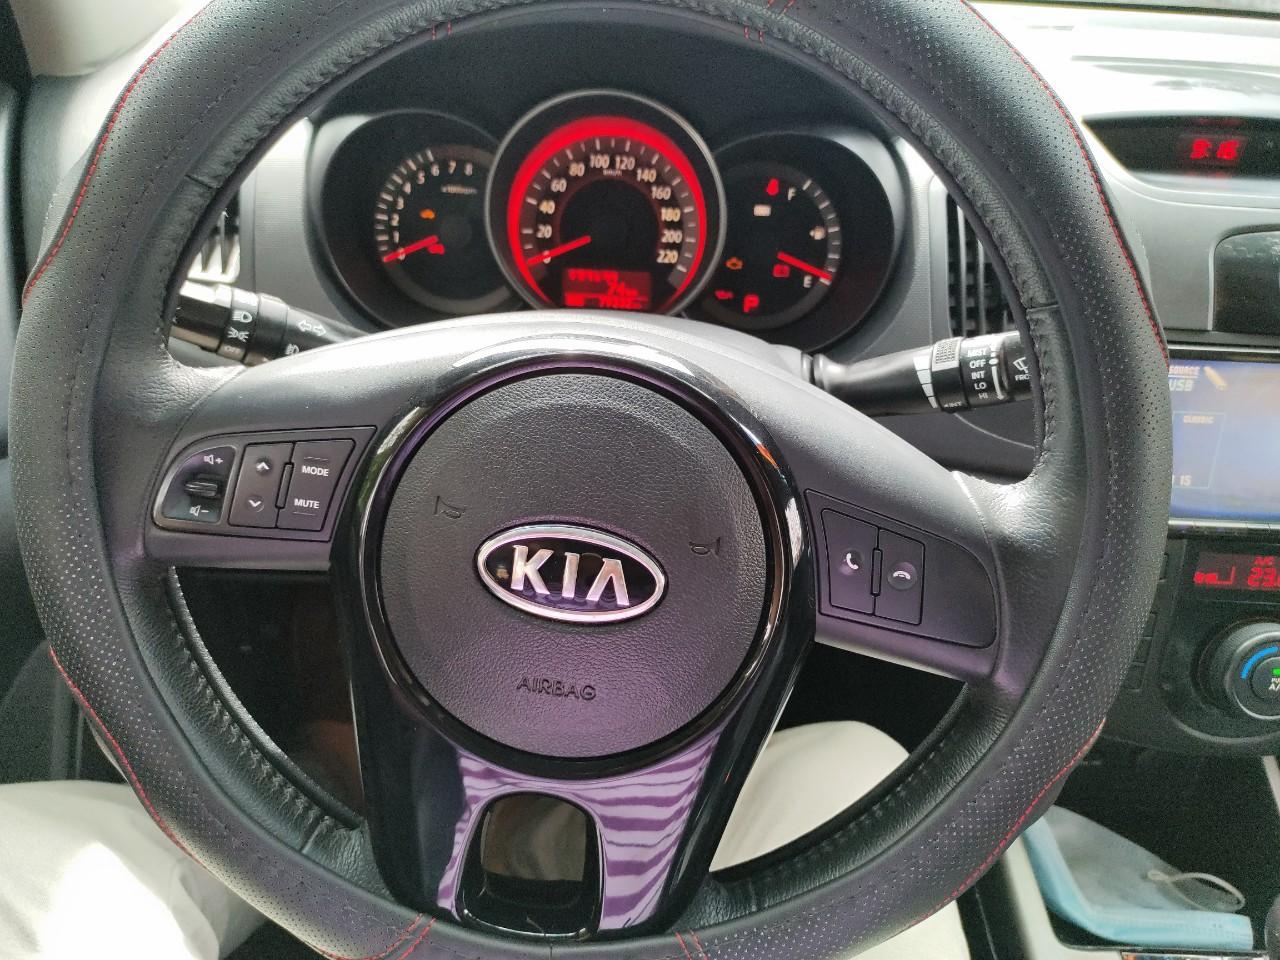 Nhập khẩu - Kia Forte 2009 - màu đen- 1 chủ đi giữ gìn!